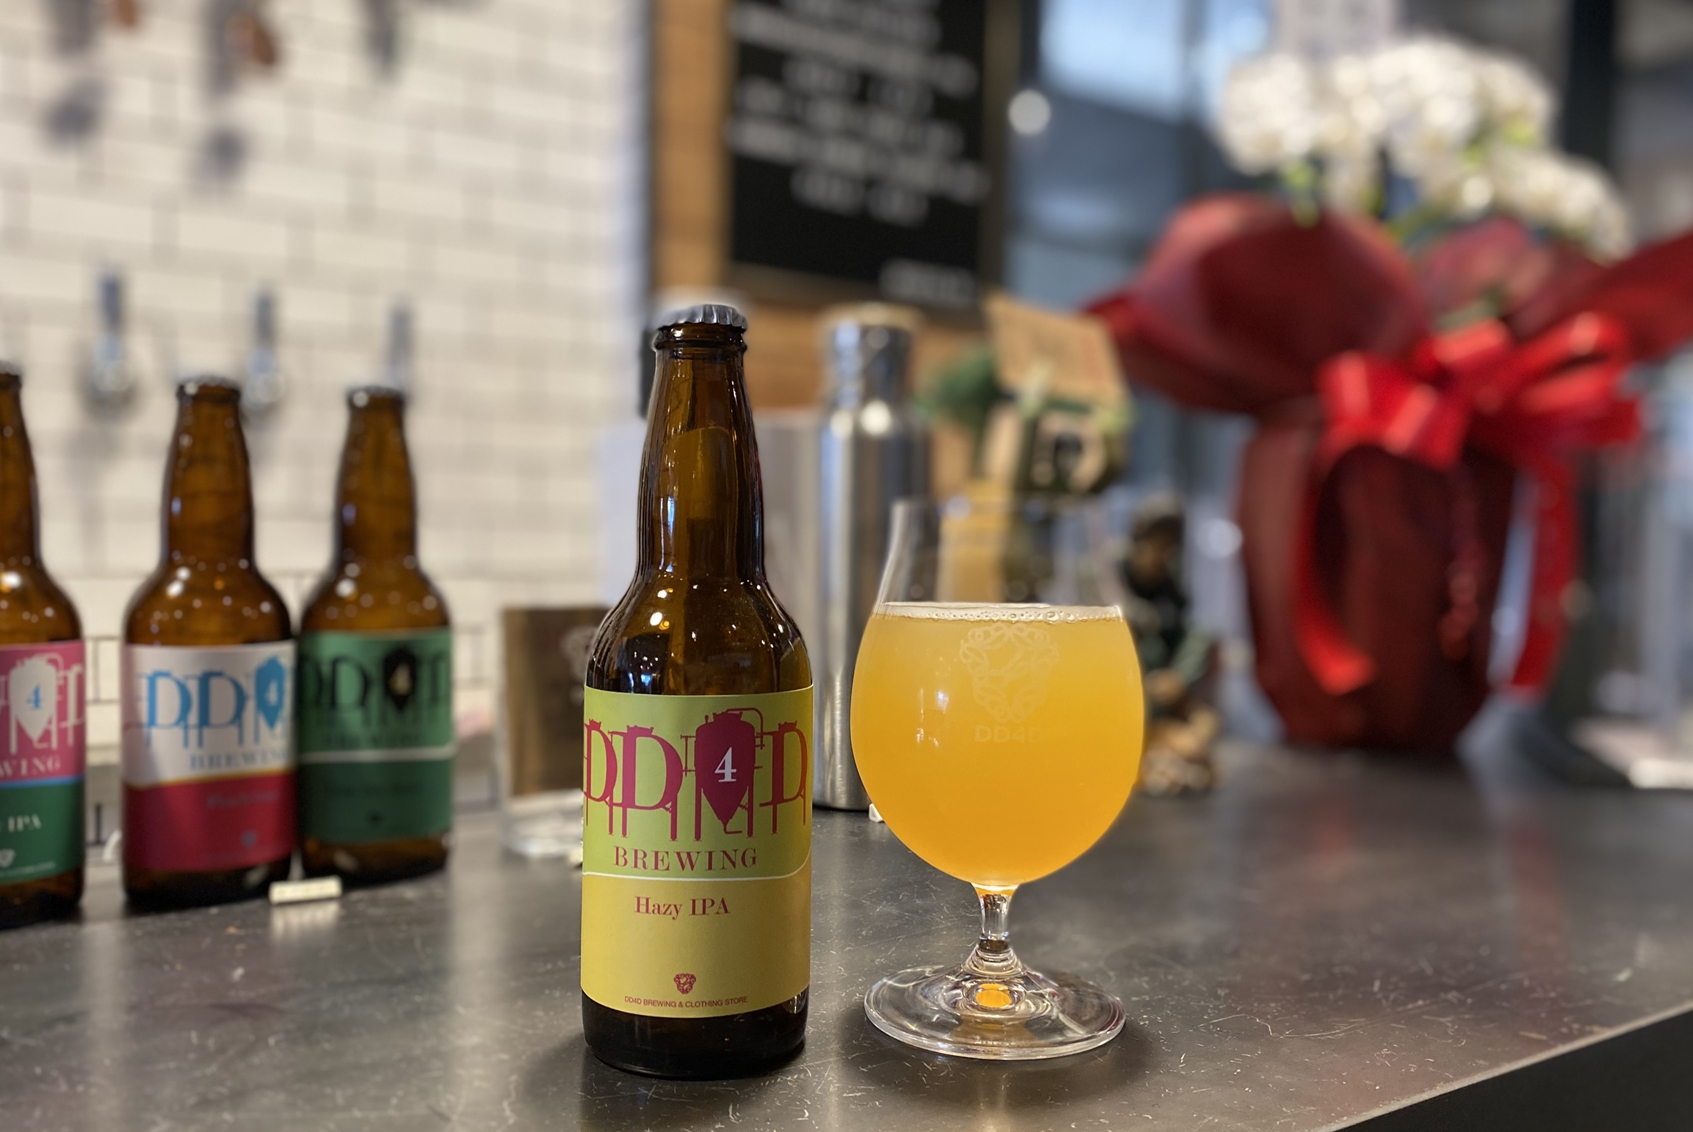 【DREAMBEERで飲めるビール】贅沢にホップを使用し、ジューシーな柑橘系の香りとソフトな口当たりが楽しめる『Hazy IPA』